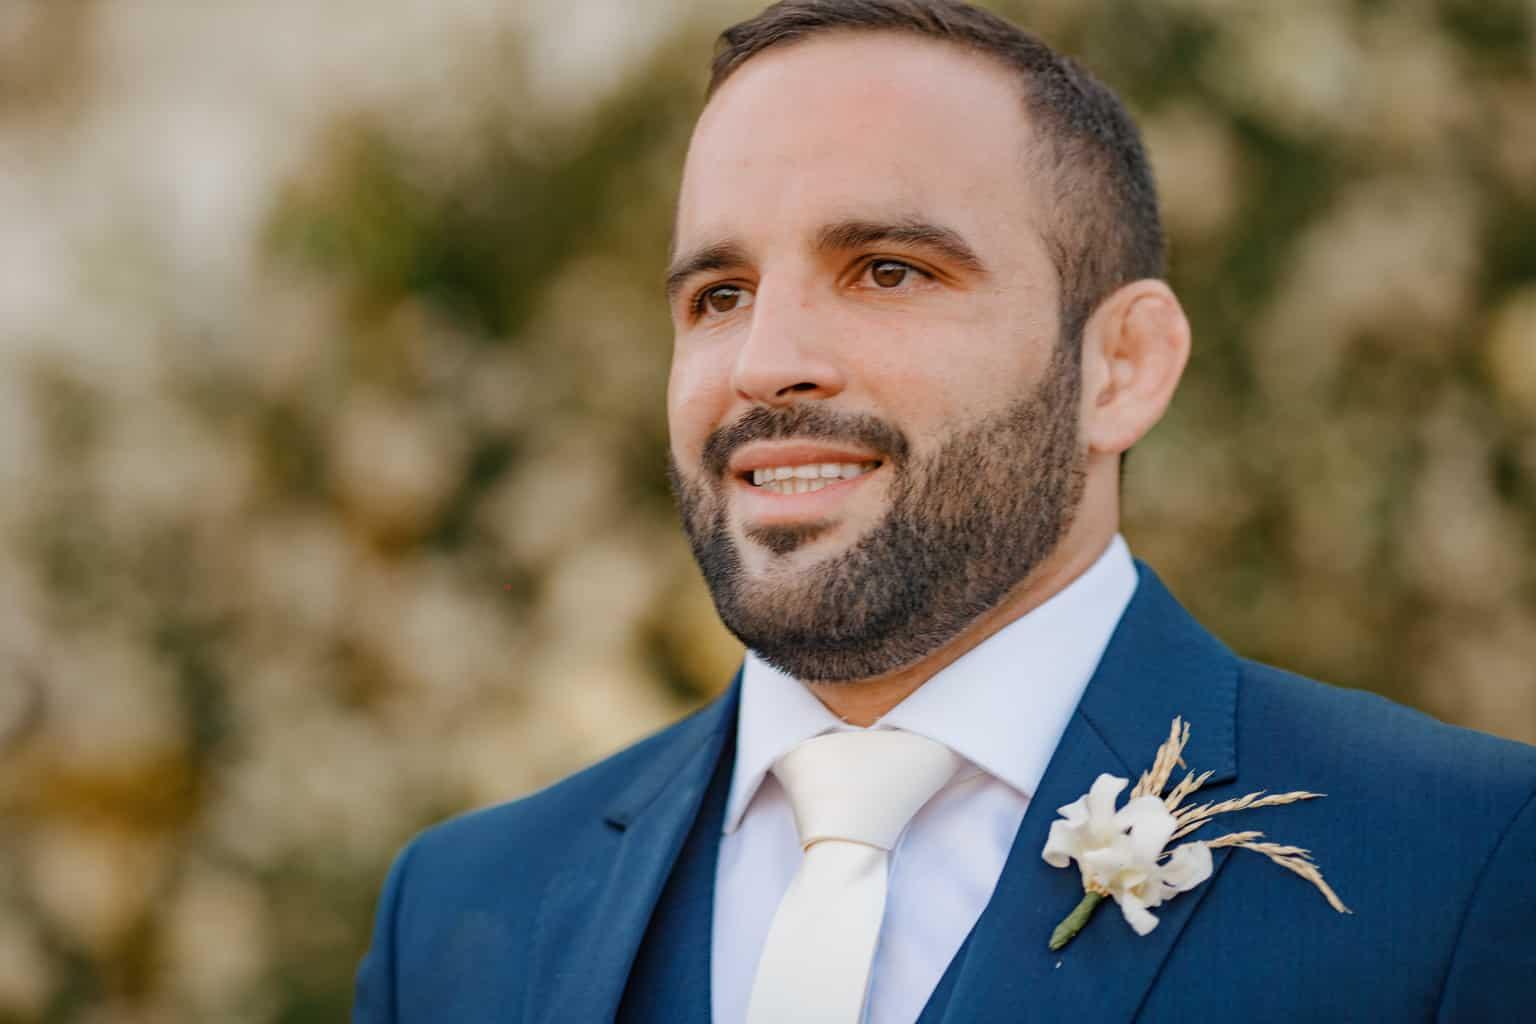 Casamento-Alissa-e-Gustavo-Cerimonial-Manu-Goncalez-Decor-Andrea-Kapps-Fasano-Angra-dos-Reis-Foto-VRebel-Cerimonia911